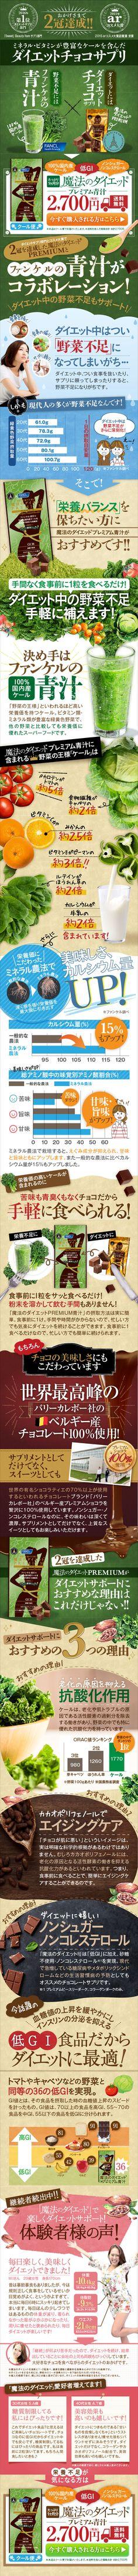 [青山すこやか本舗] 「とりあえずチョコ!」のテレビCMでお馴染みの低GIダイエットチョコサプリ「魔法のダイエット」。